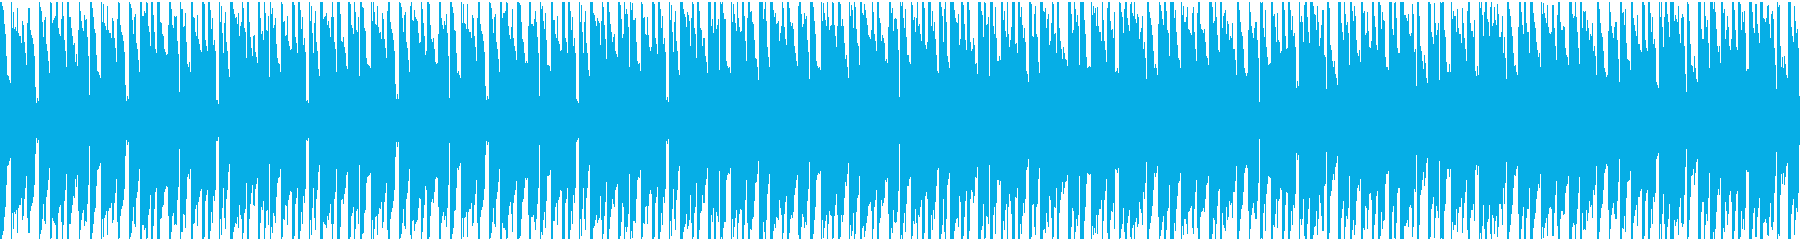 ゆったりしたボサノバ・休日・まったりの再生済みの波形